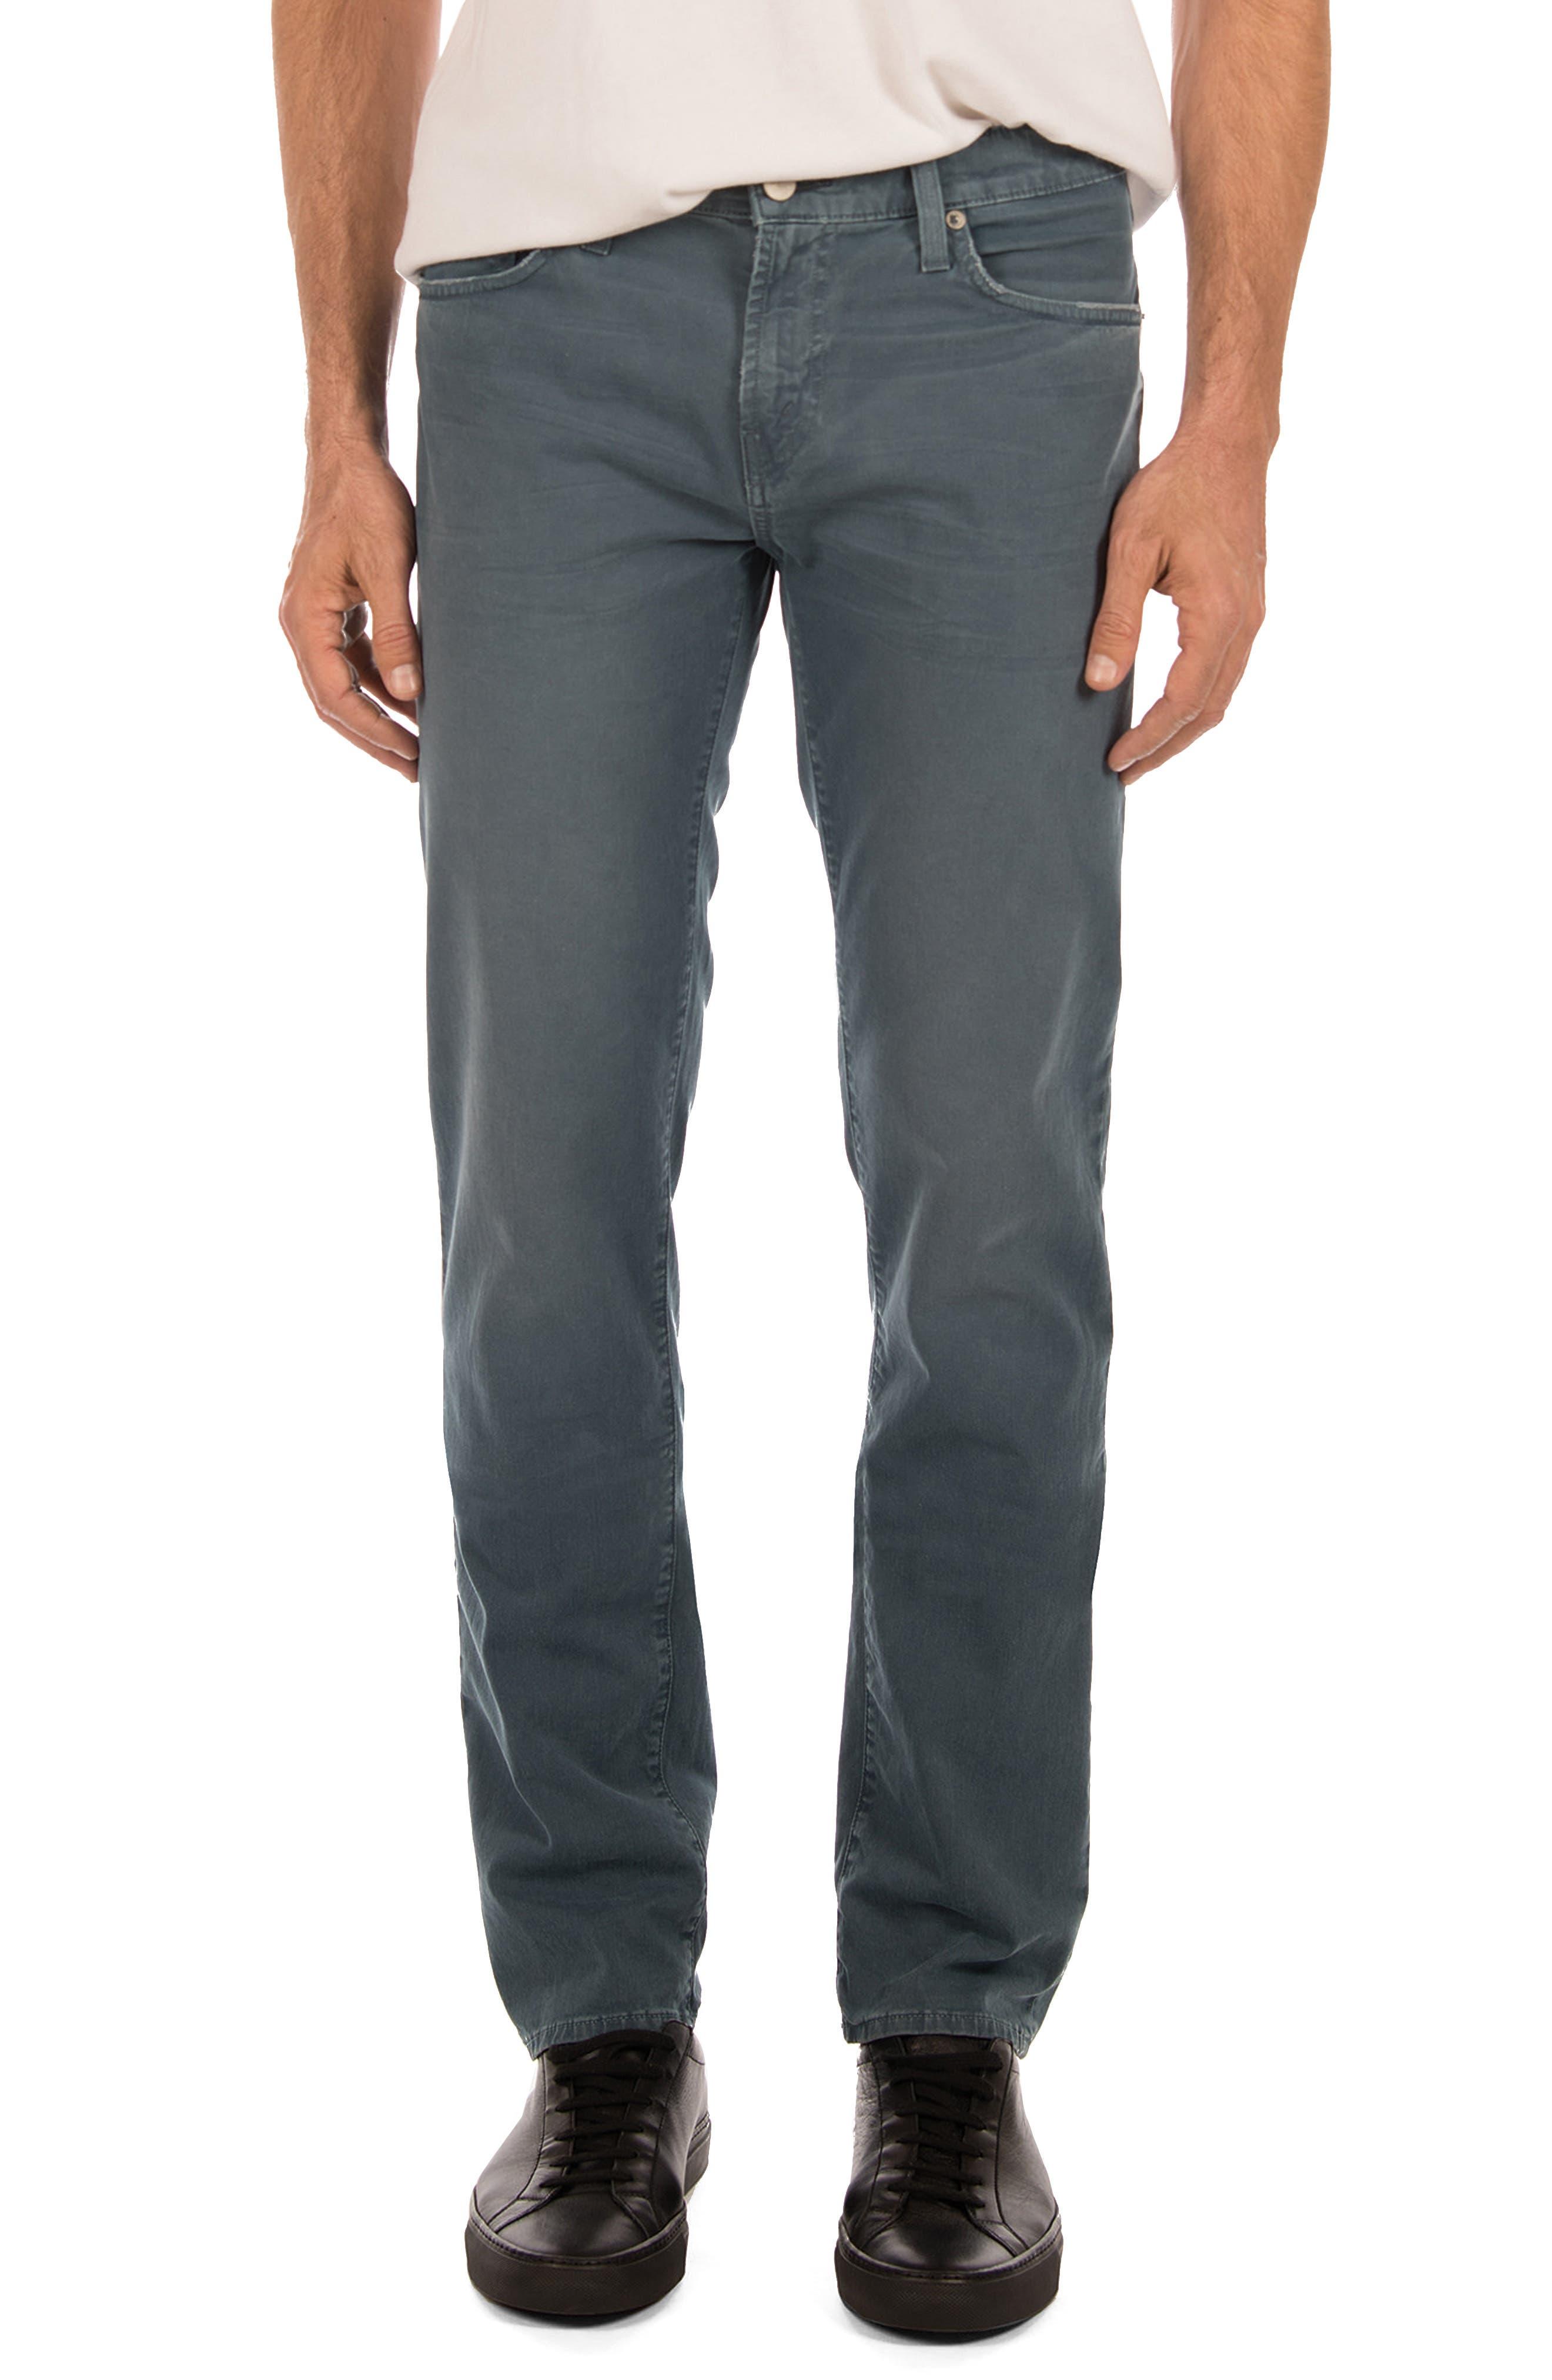 J Brand Tyler Slim Fit Jeans (Thrashed Tilite)